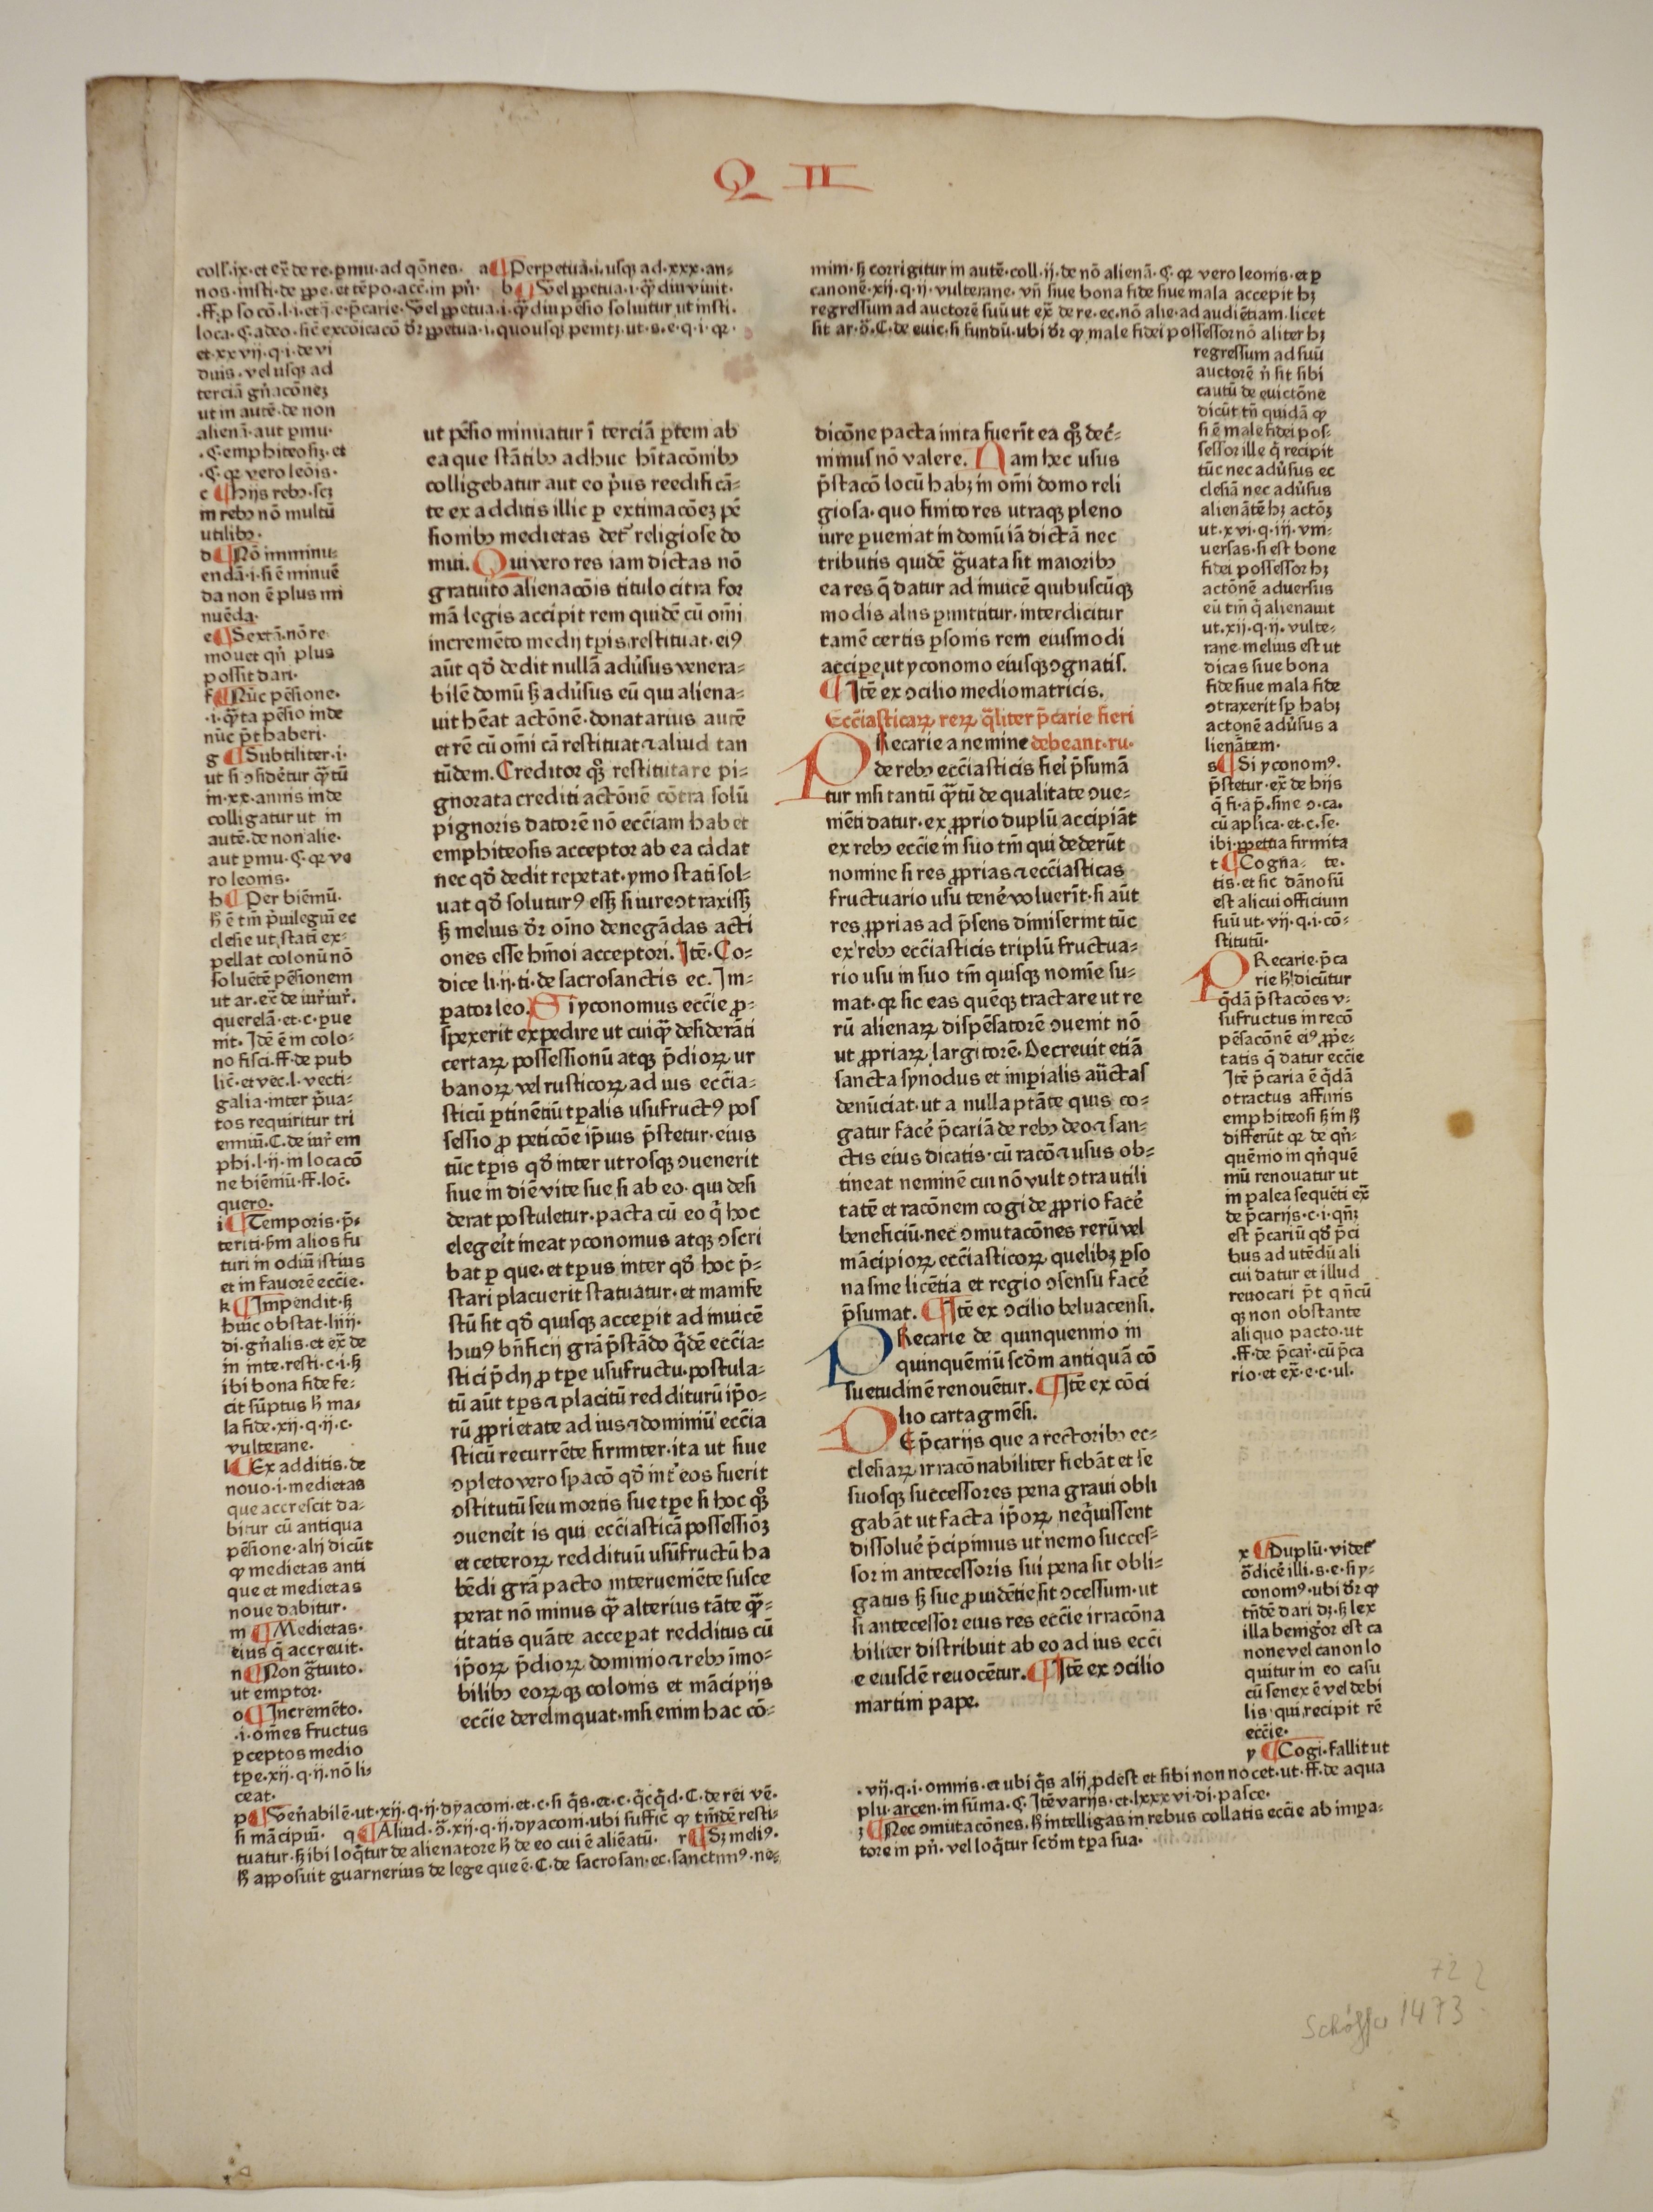 Decretum. Mit Kommentar von Johannes Teutonicus und: Gratianus: